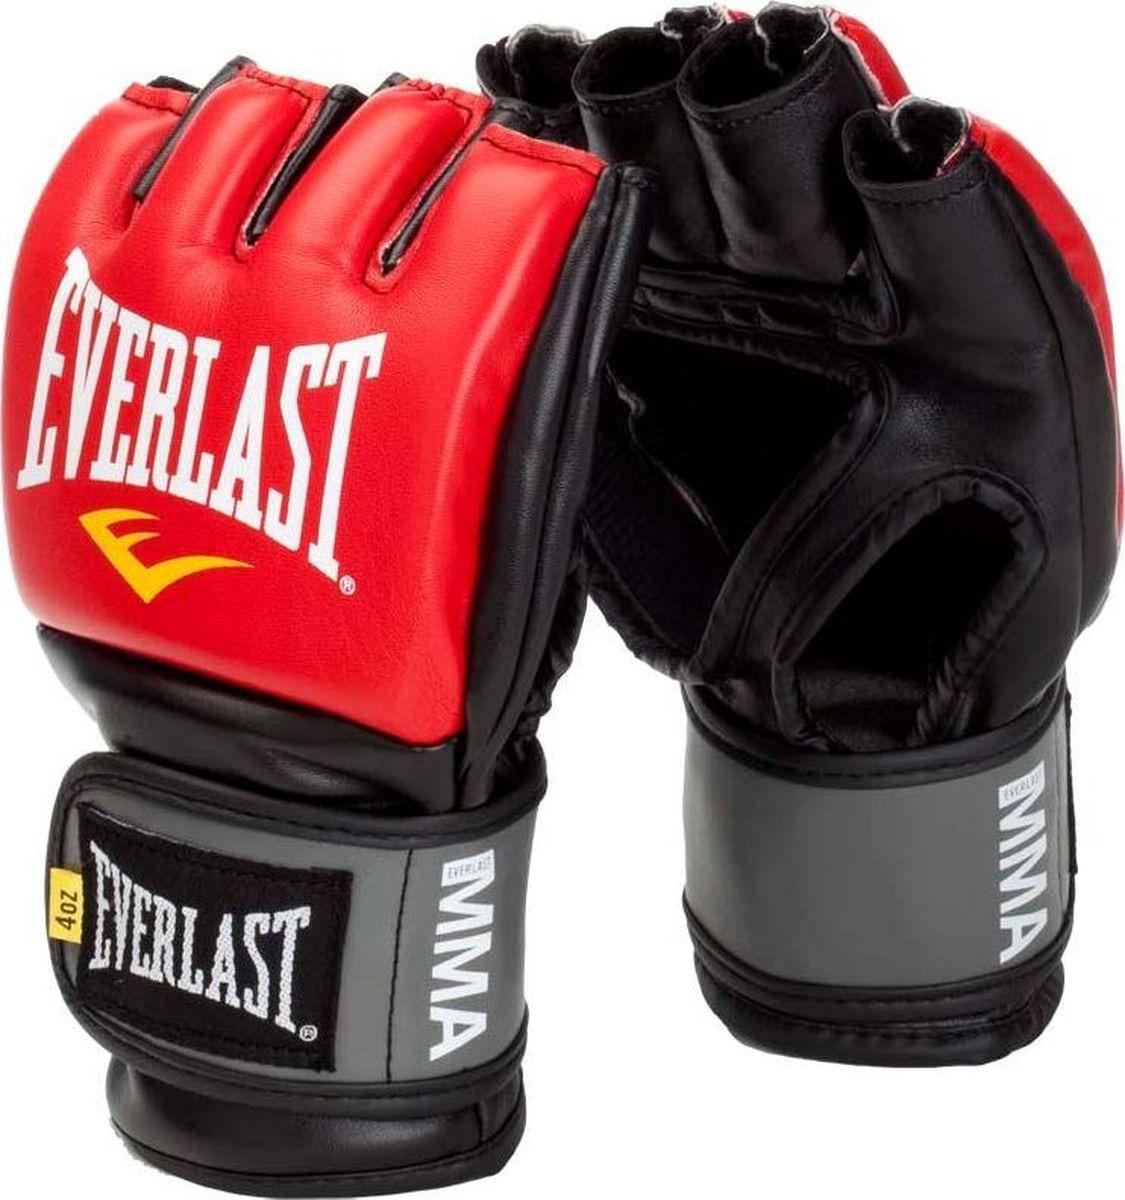 Перчатки для единоборств Everlast Pro Style Grappling, тренировочные, 7778RSMU, красный, размер S/M цена и фото